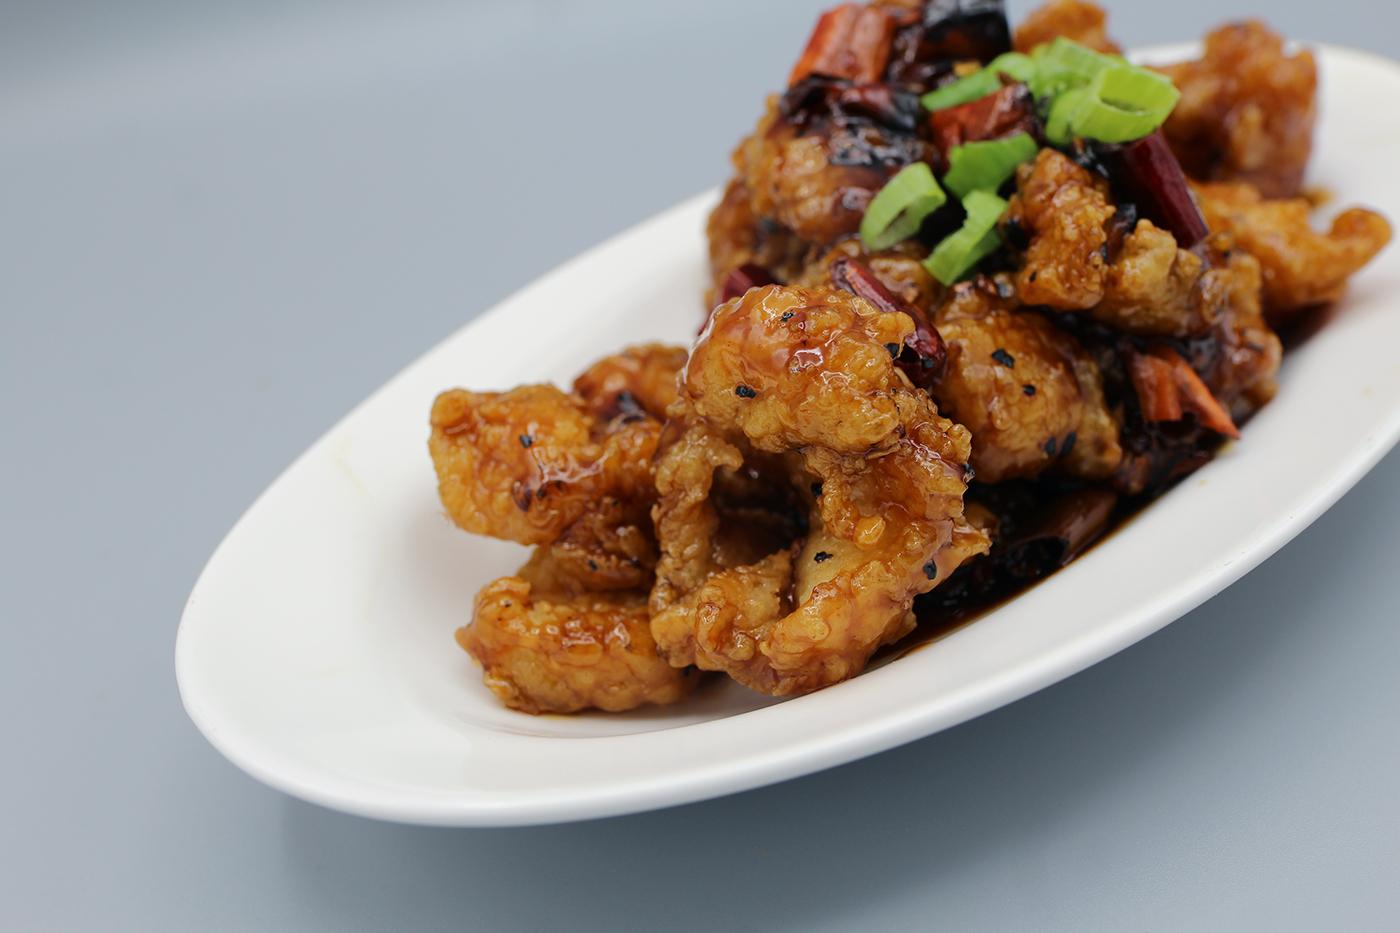 The Pots Spicy Honey-Glazed Fish dish